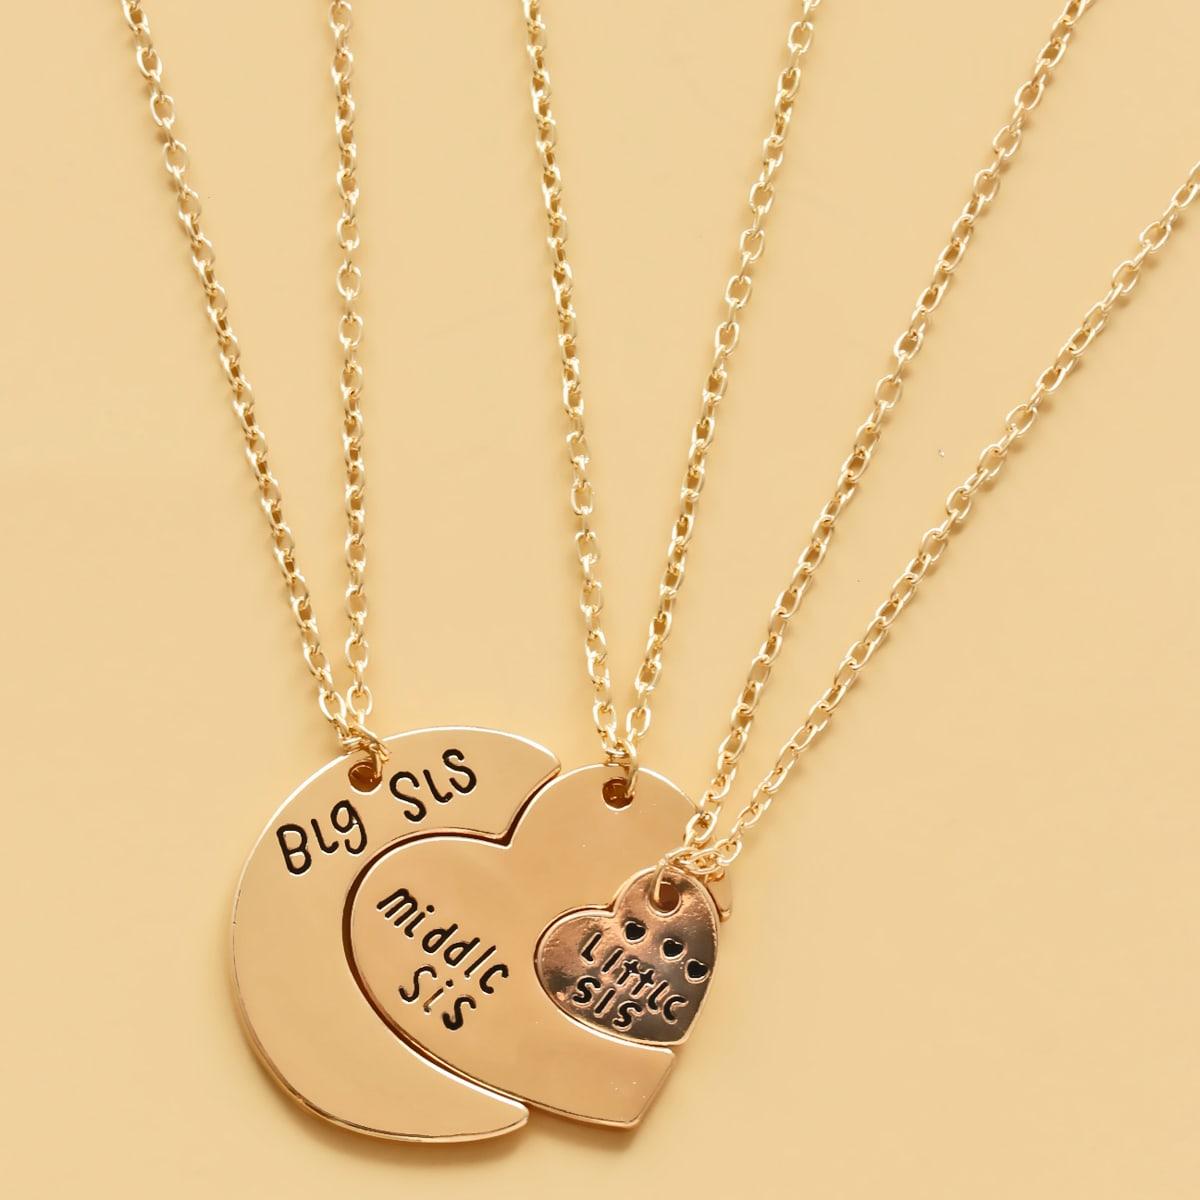 3шт ожерелье с сердечком и текстовой гравировкой для девочек